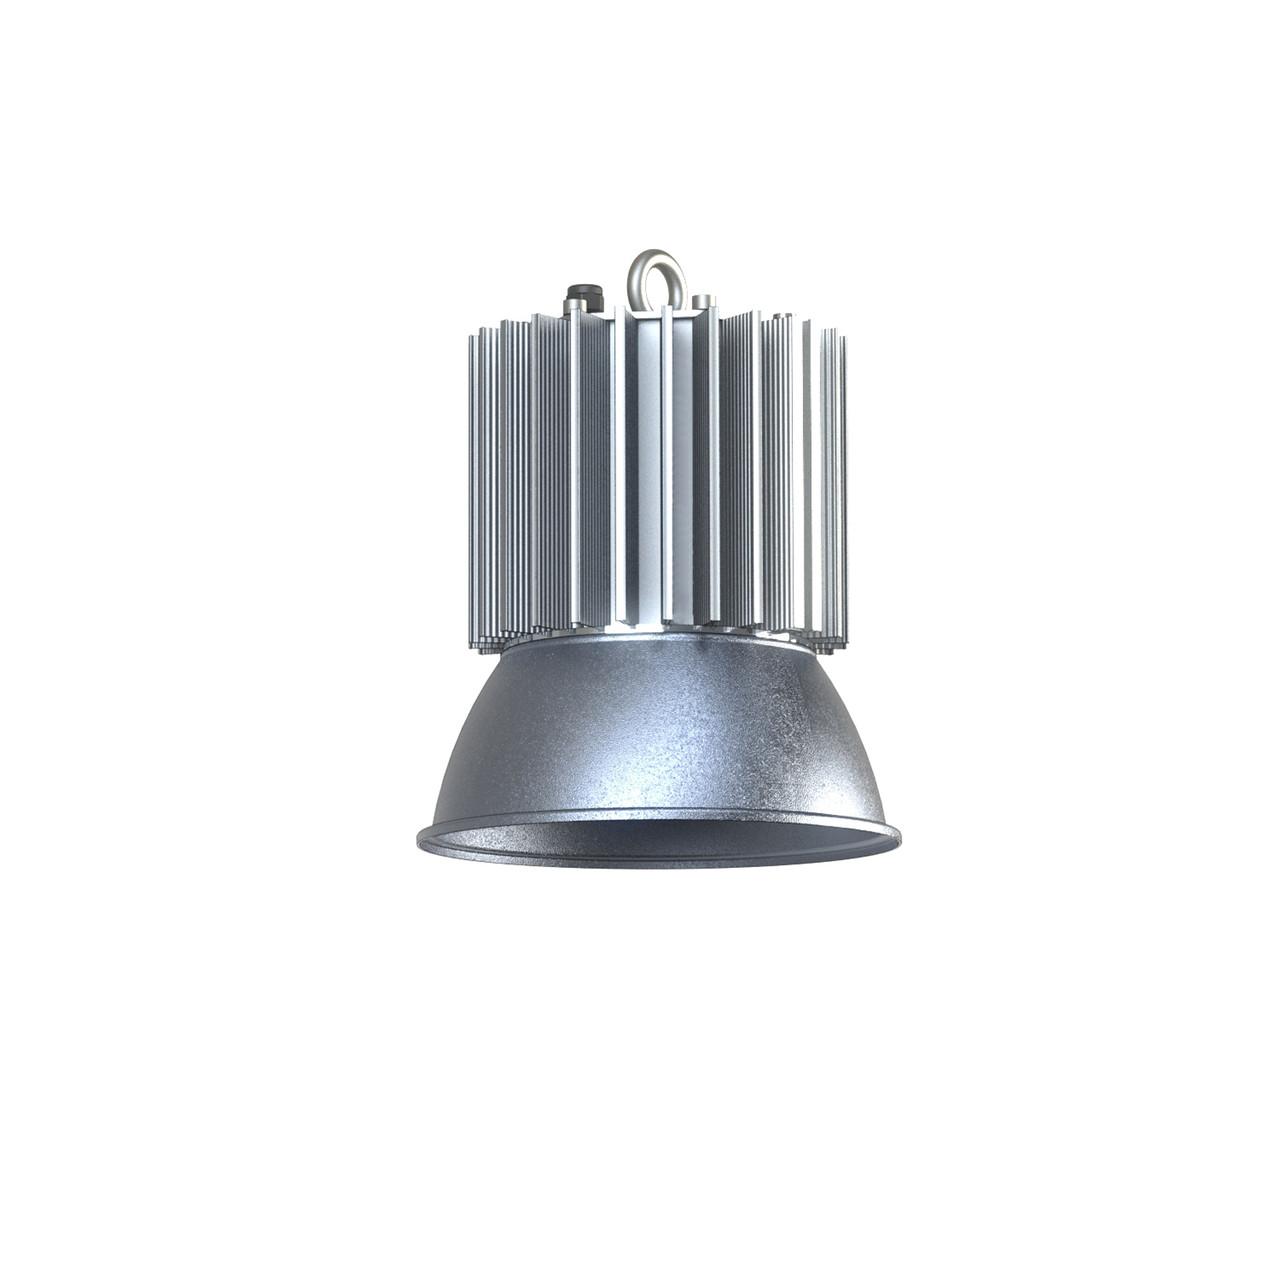 Светодиодный светильник ПромЛед ПРОФИ v2.0-100 ЭКО (пульсации менее 1%)